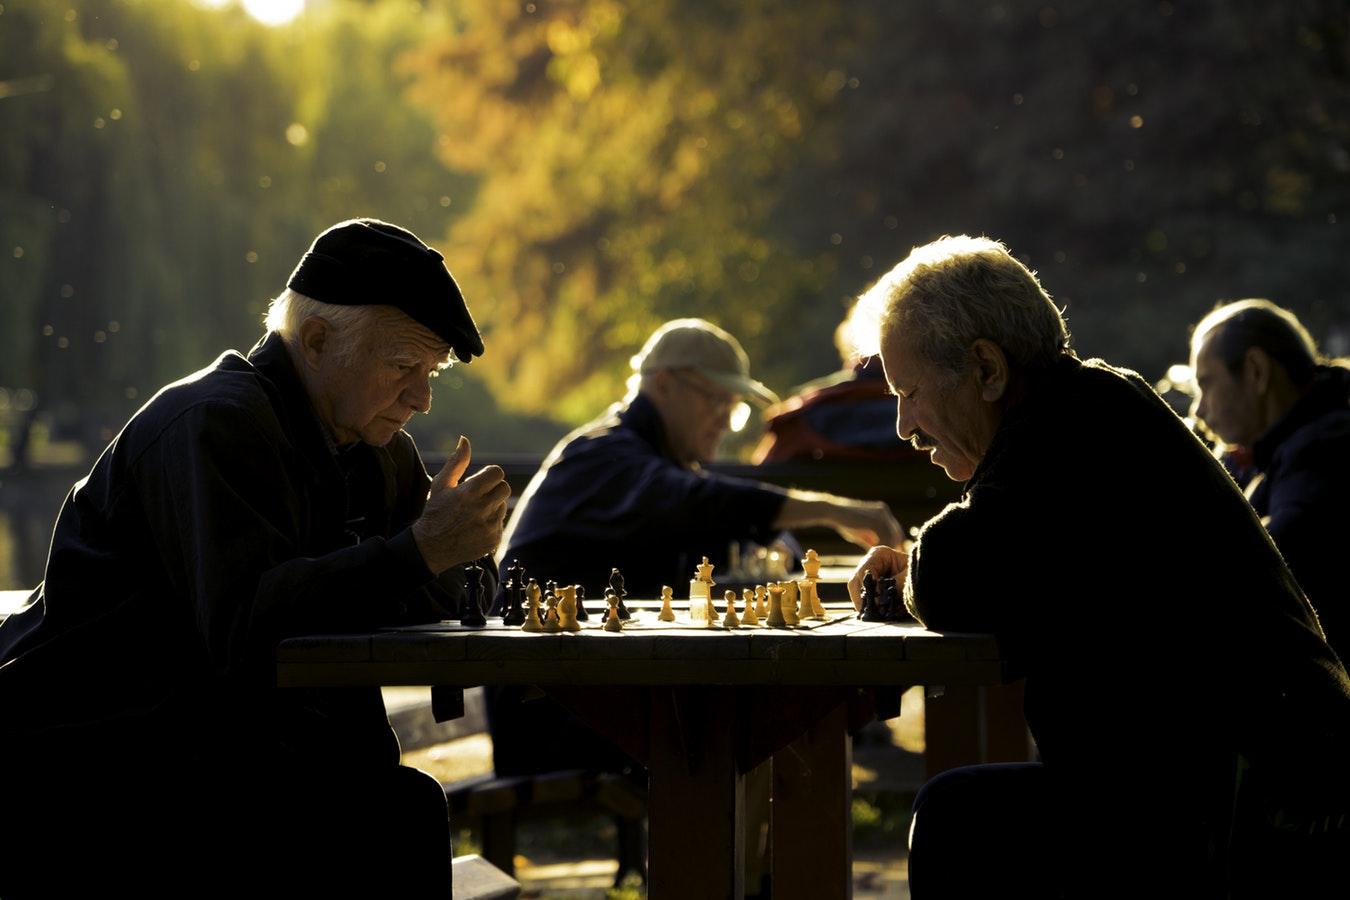 Как улучшить память взрослому человеку: упражнения, продукты, препараты инародные средства